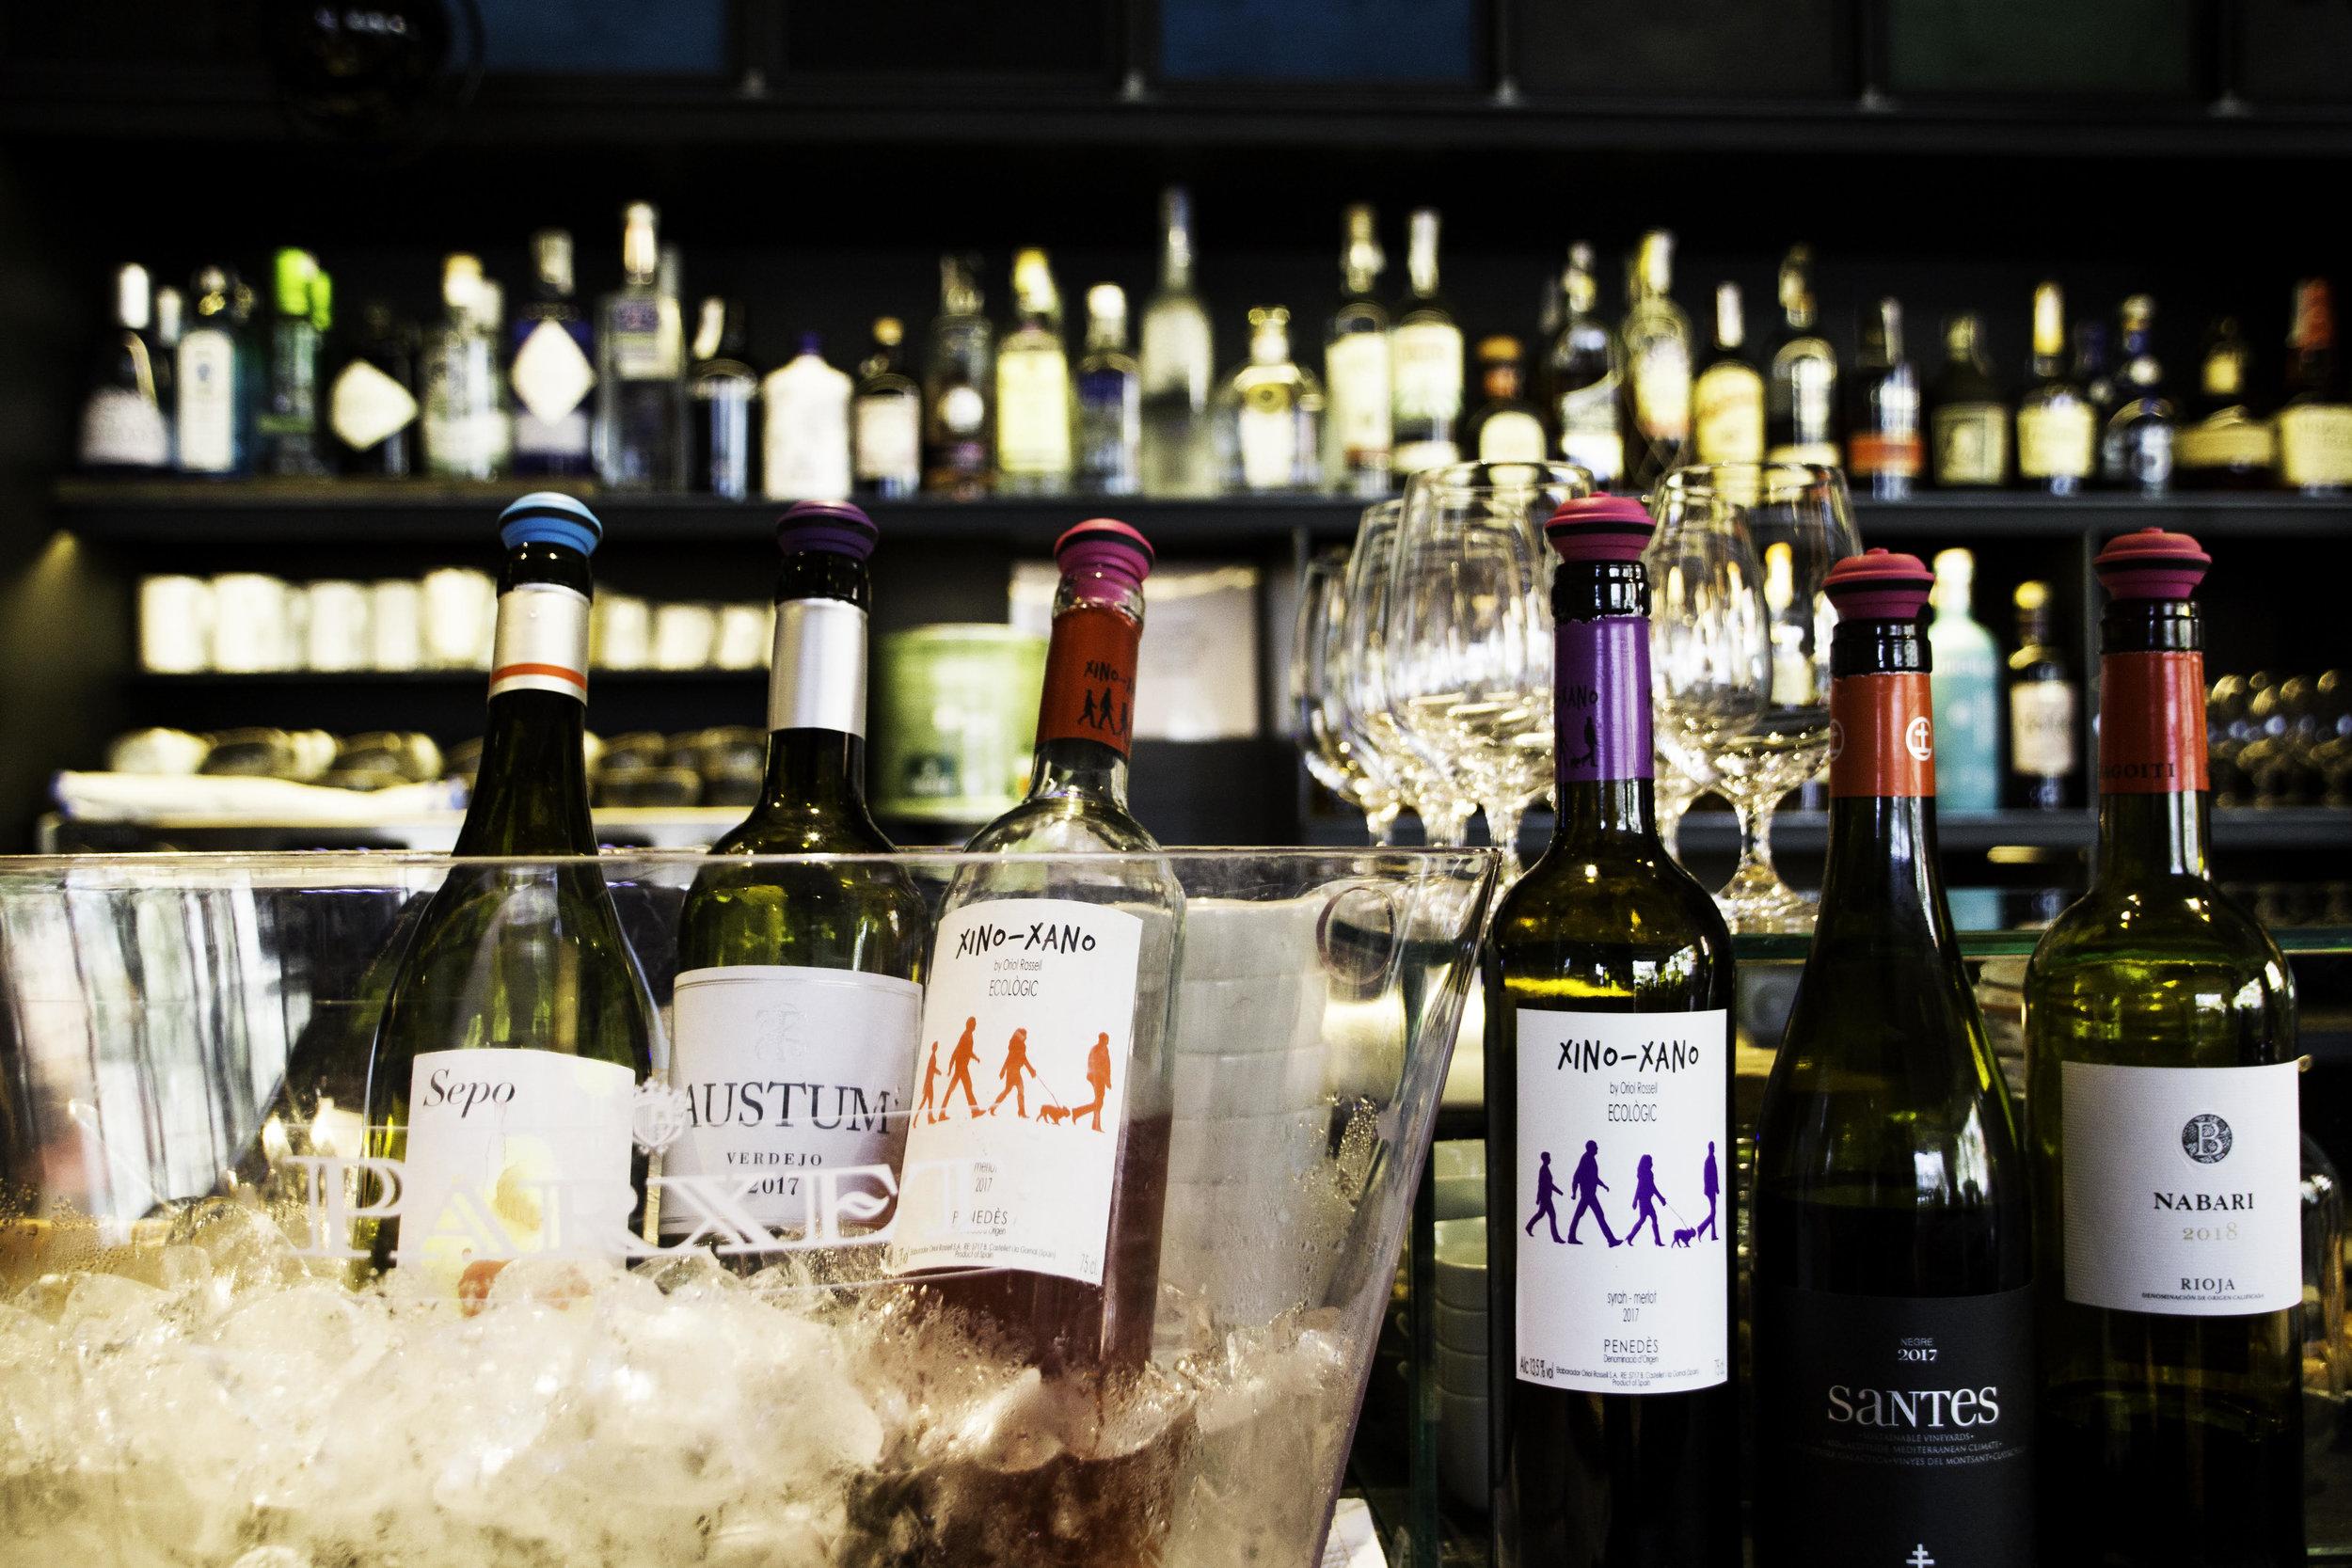 BEGUDES - Vins, cerveses, còctels, smoothies, cafès, tes... Si el que busques és refrescar-te, aquest és també el teu lloc!